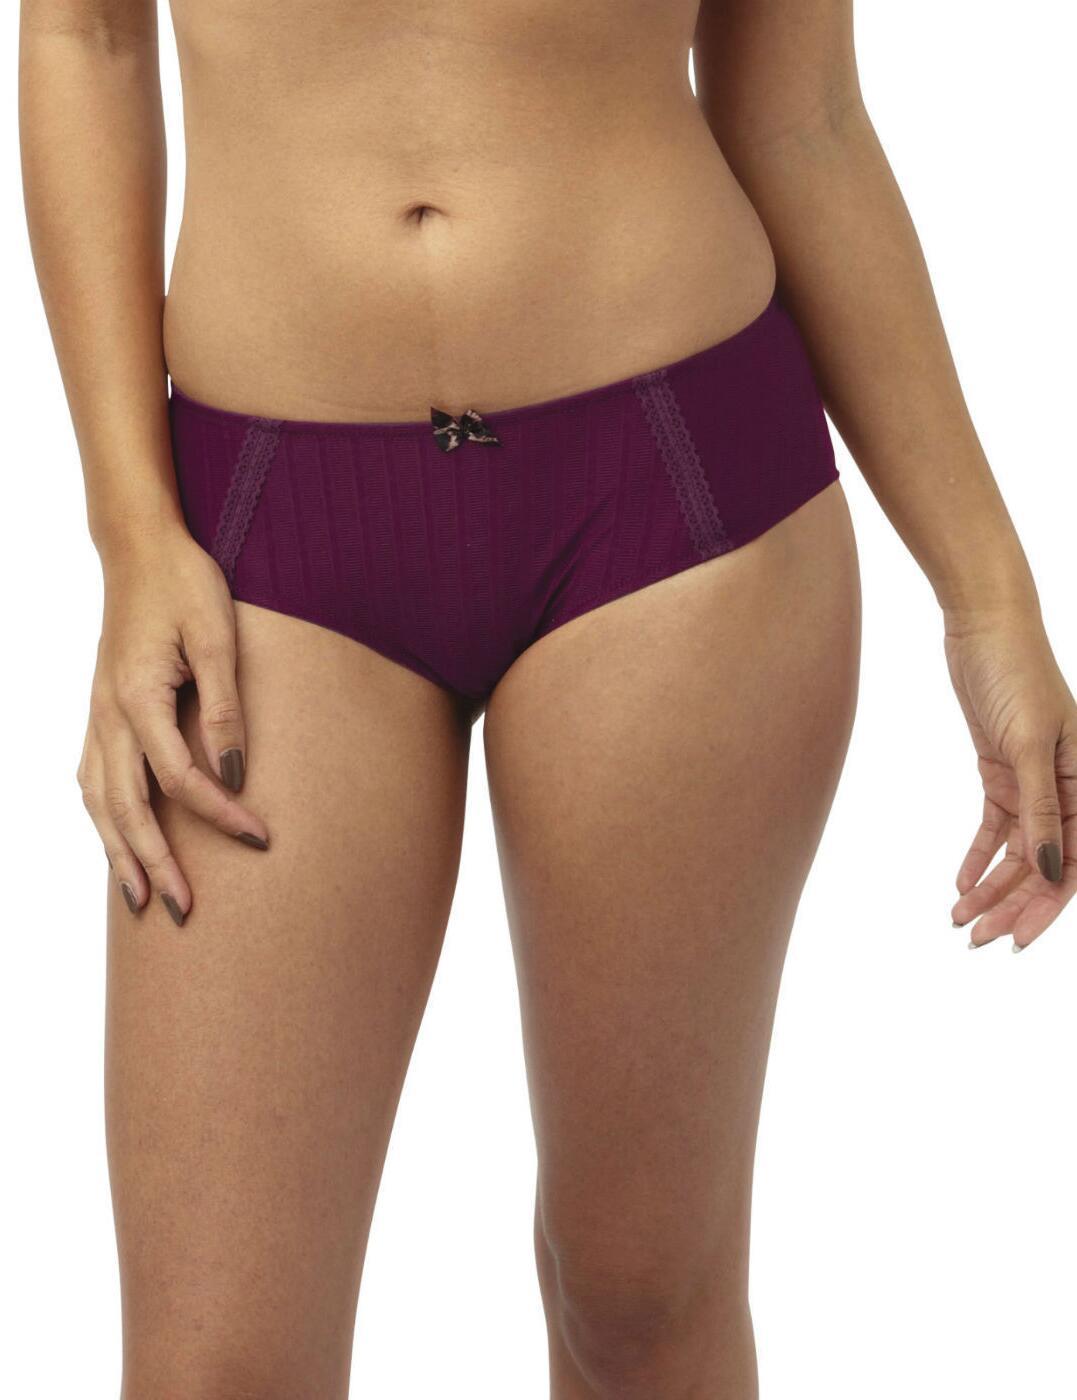 Cleo by Panache Maddie Brief Knickers - Burgundy Purple